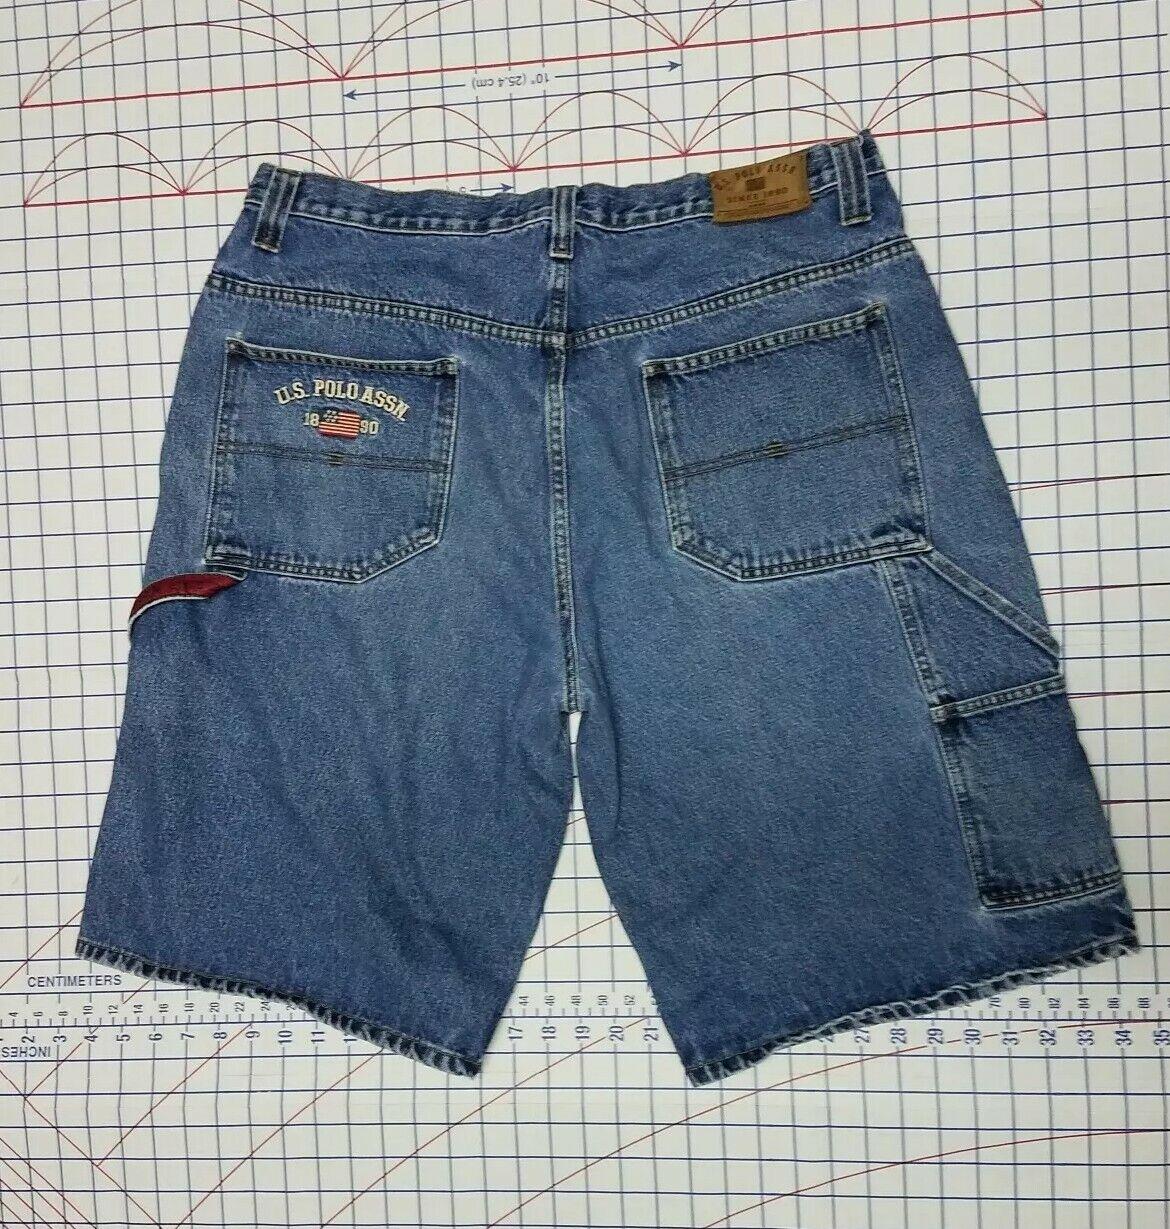 U.S Polo Assn Ralph Lauren 38 x 13 jeans Denim shorts bluee baggy loose straight